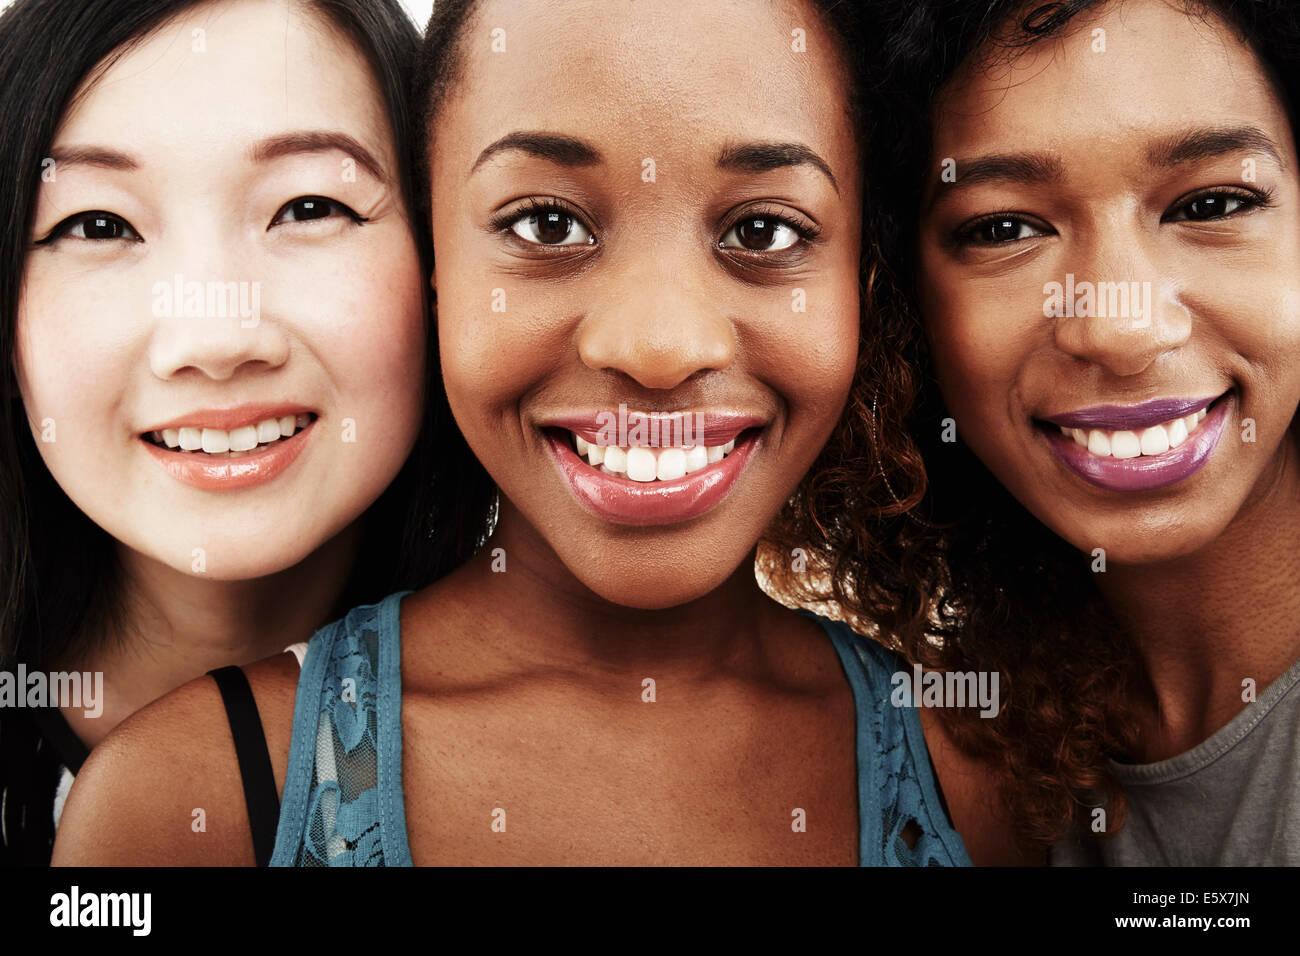 Close up portrait of smiling trois jeunes femmes Photo Stock